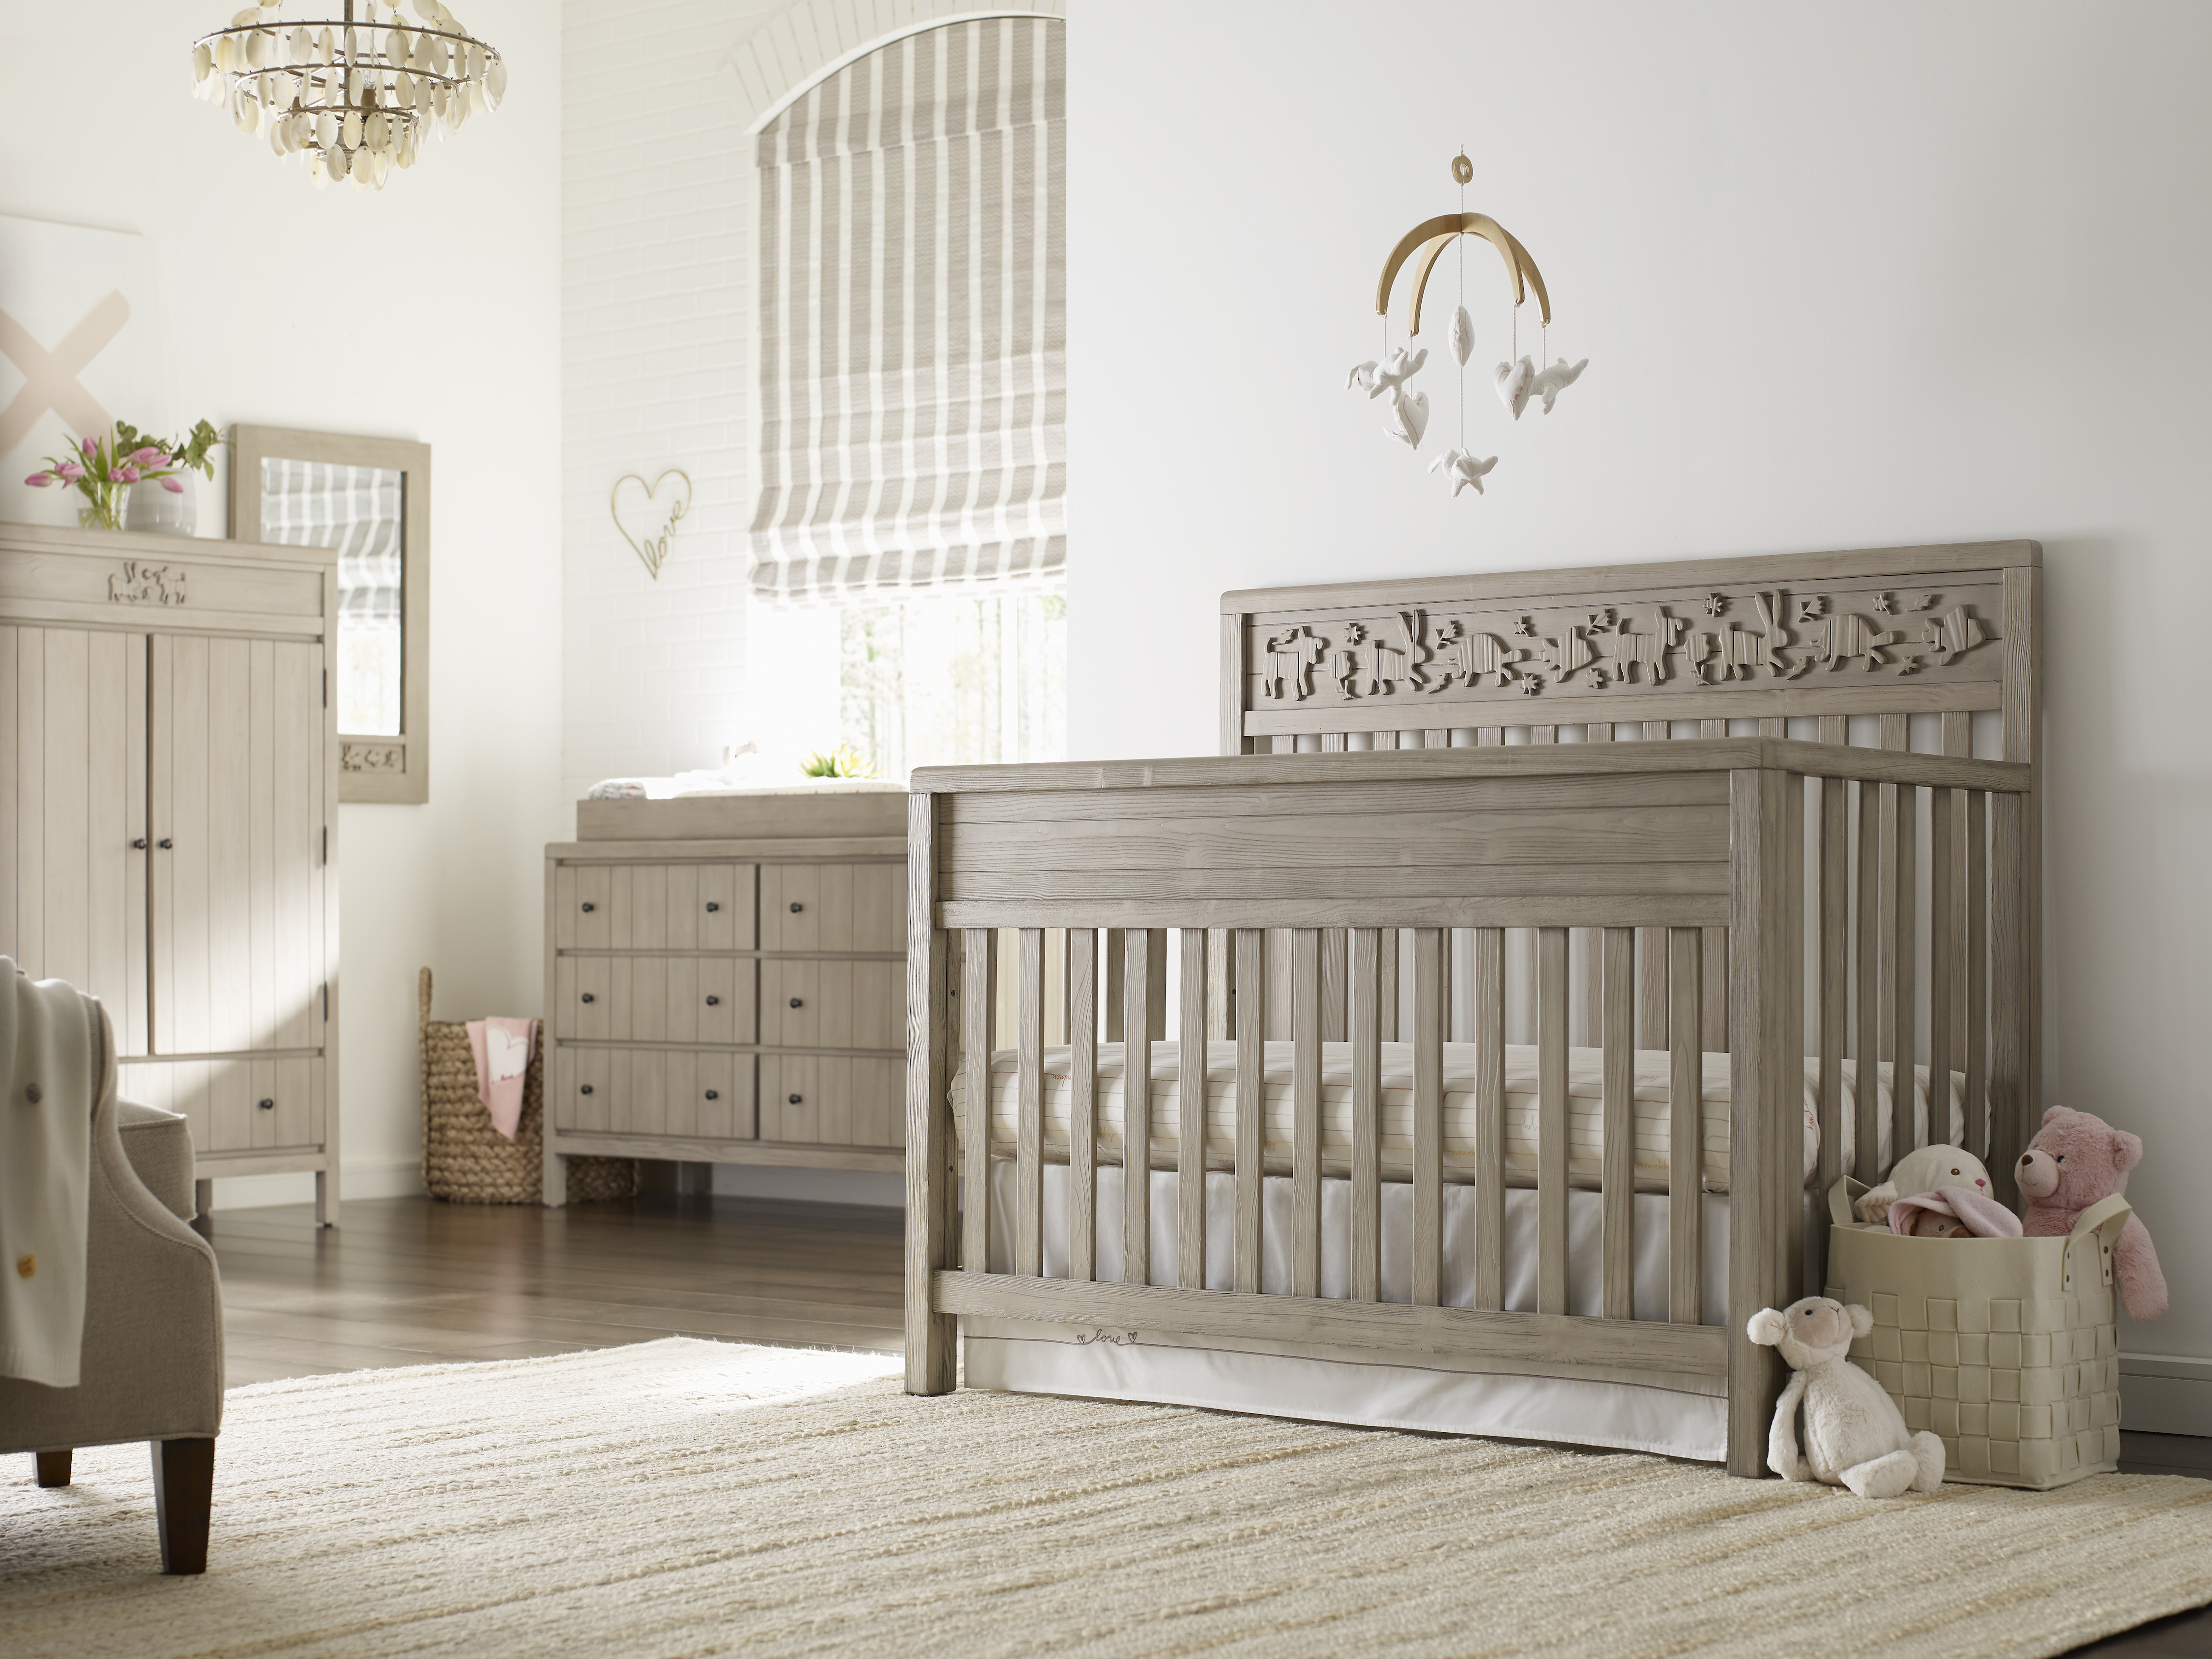 Bivona & Company Expands ED Ellen Degeneres Baby Lifestyle ...